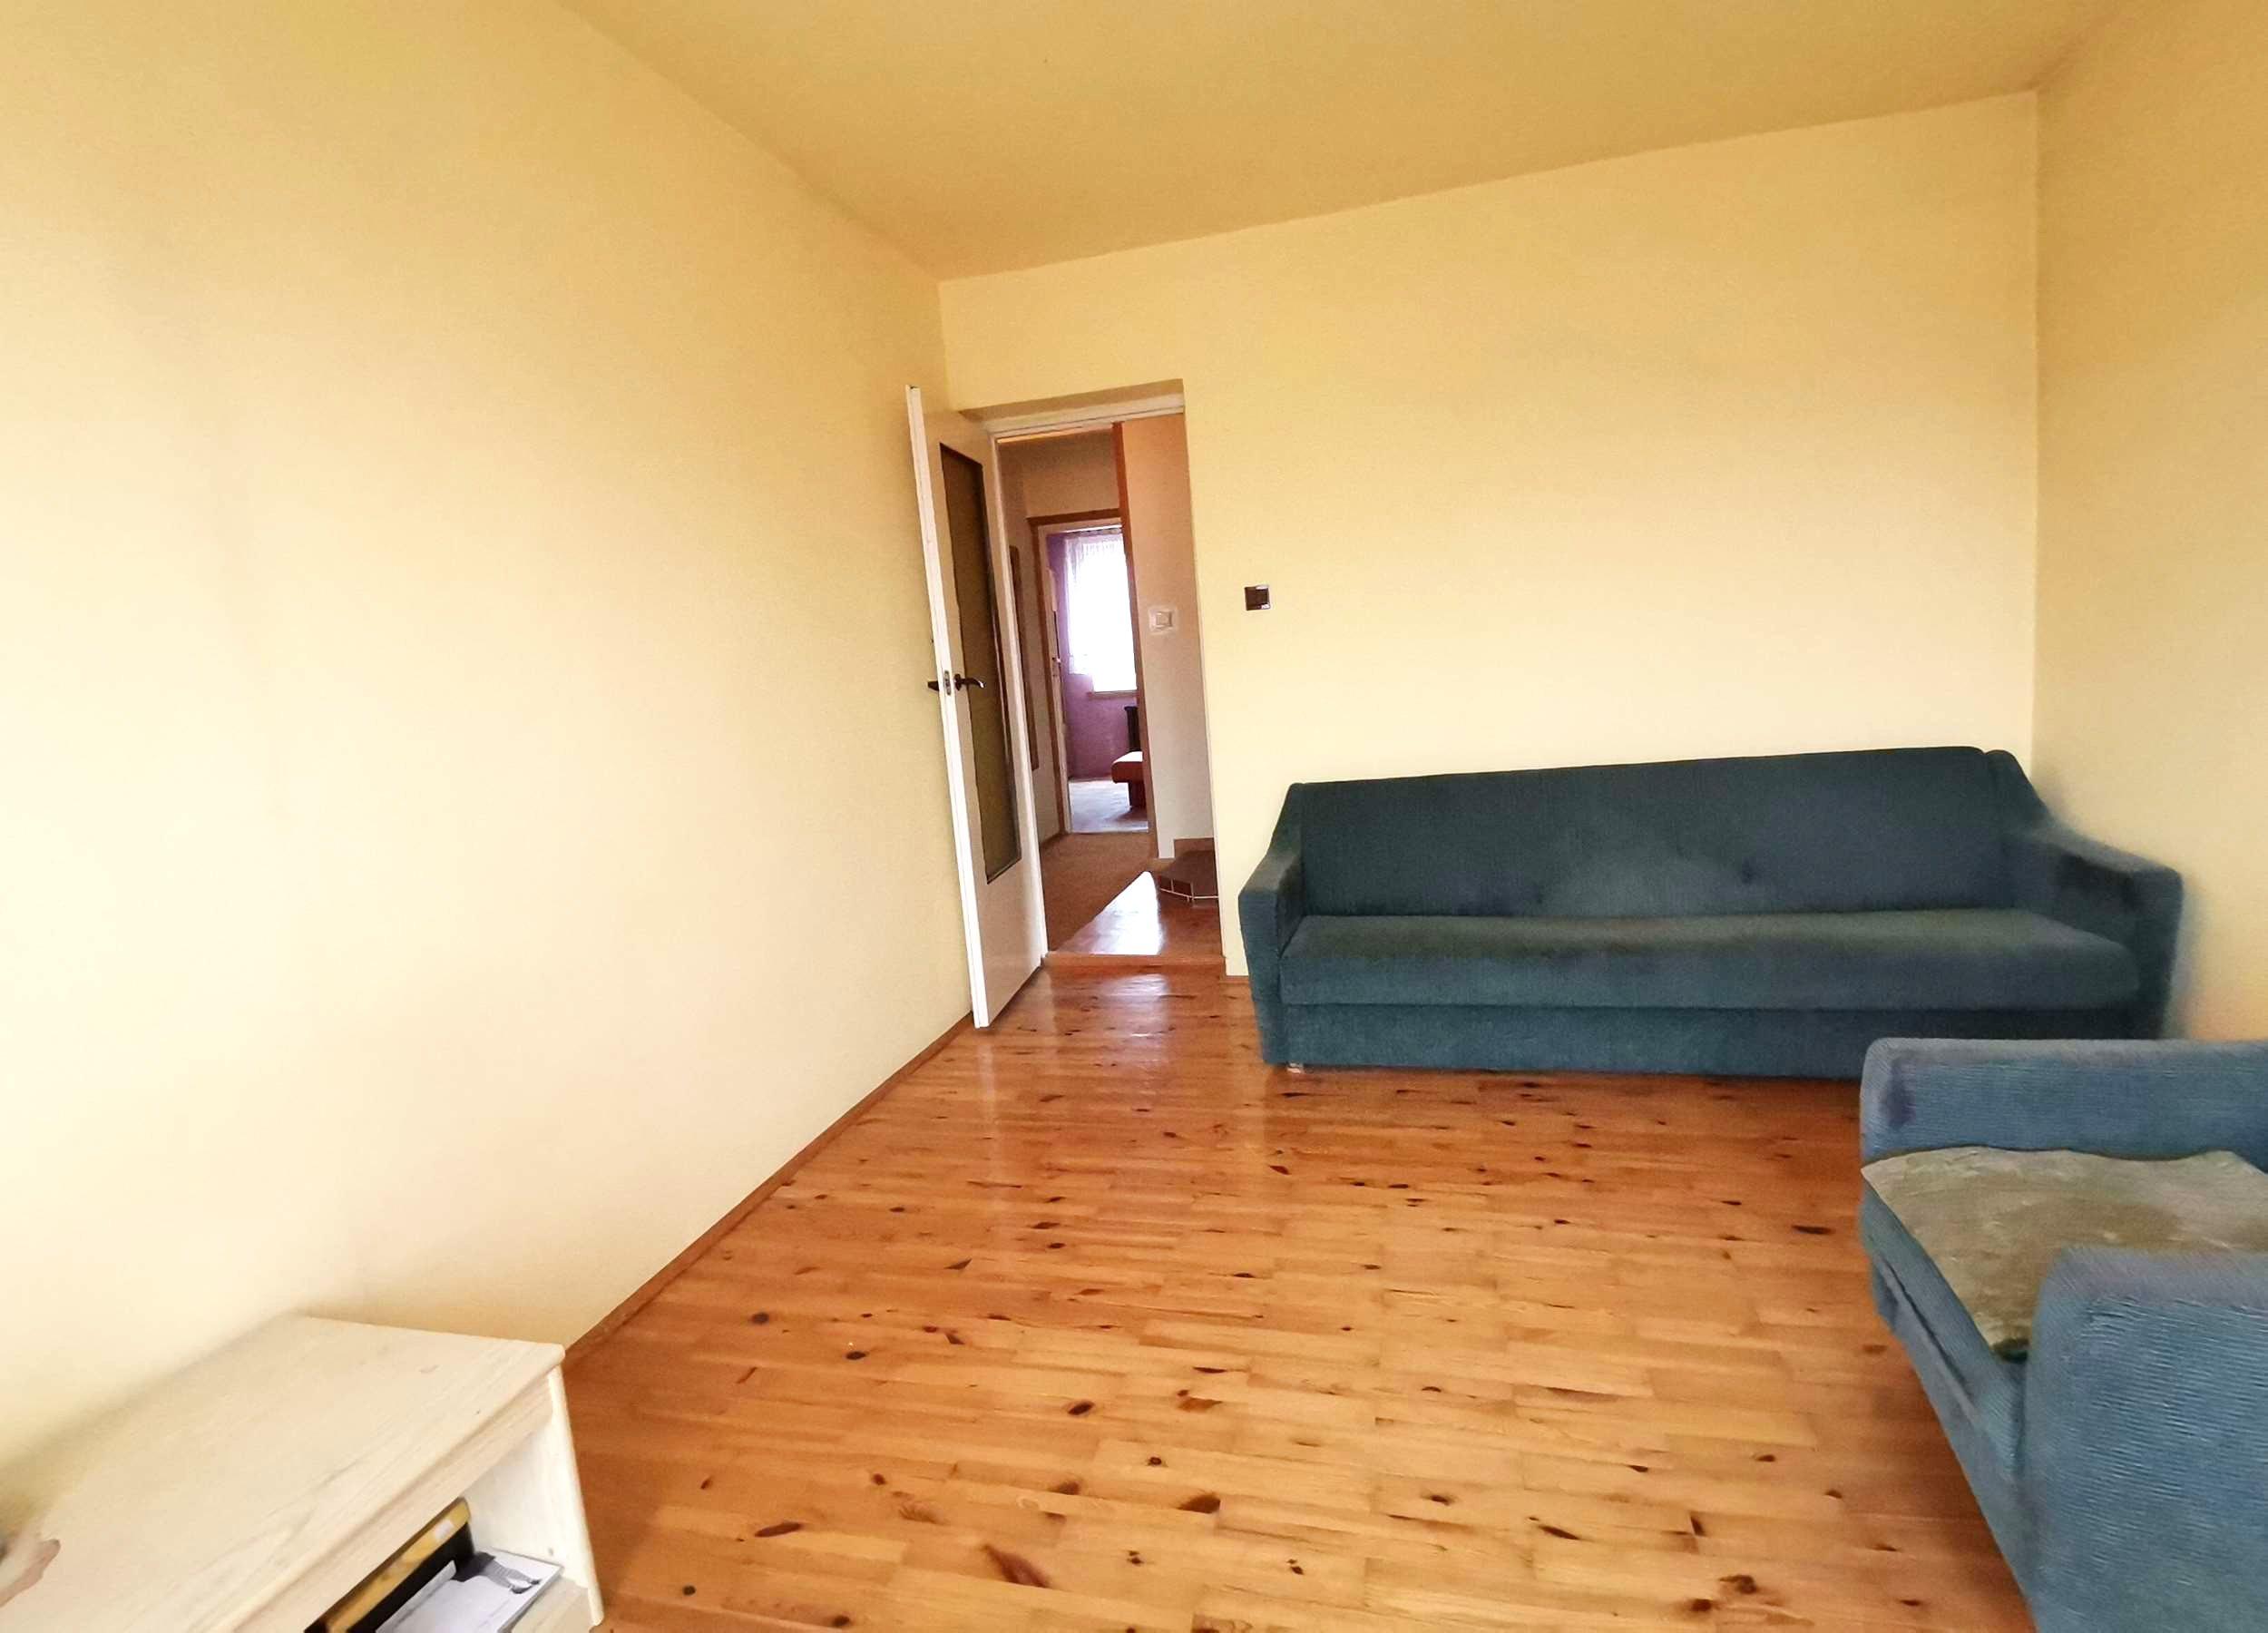 dom zamosc na sprzedaz - dom na sprzedaż - Krzysztof Górski Nieruchomości Zamość